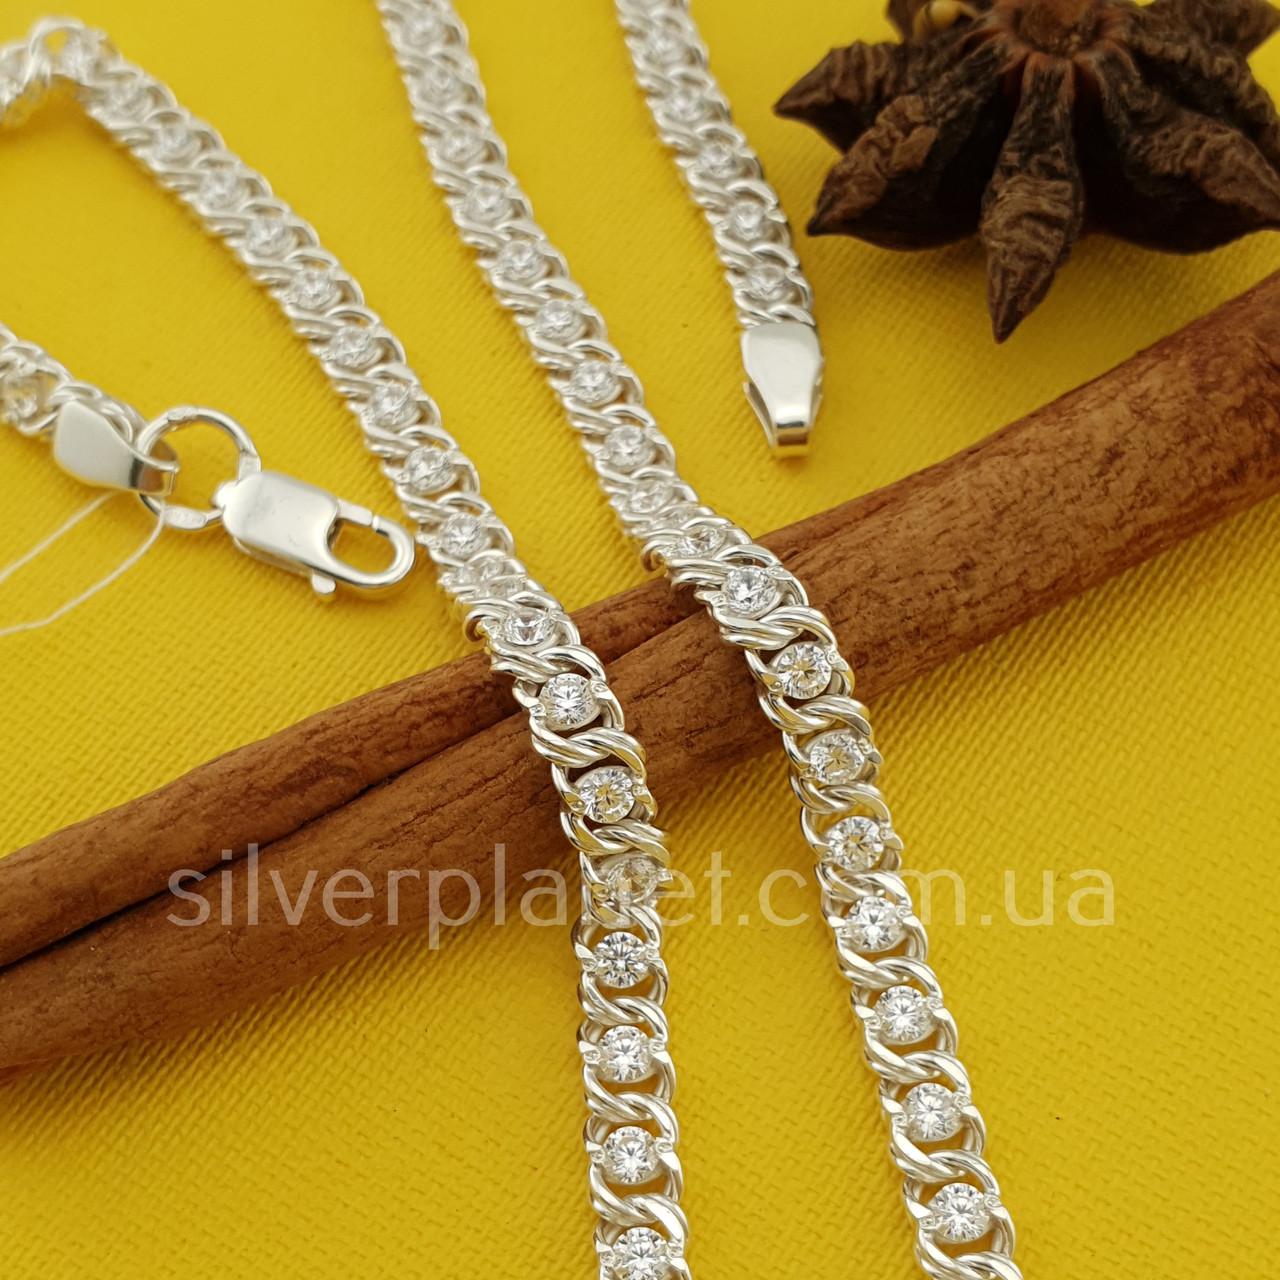 Серебряная цепочка Арабка с камнями. Женское колье из серебра.